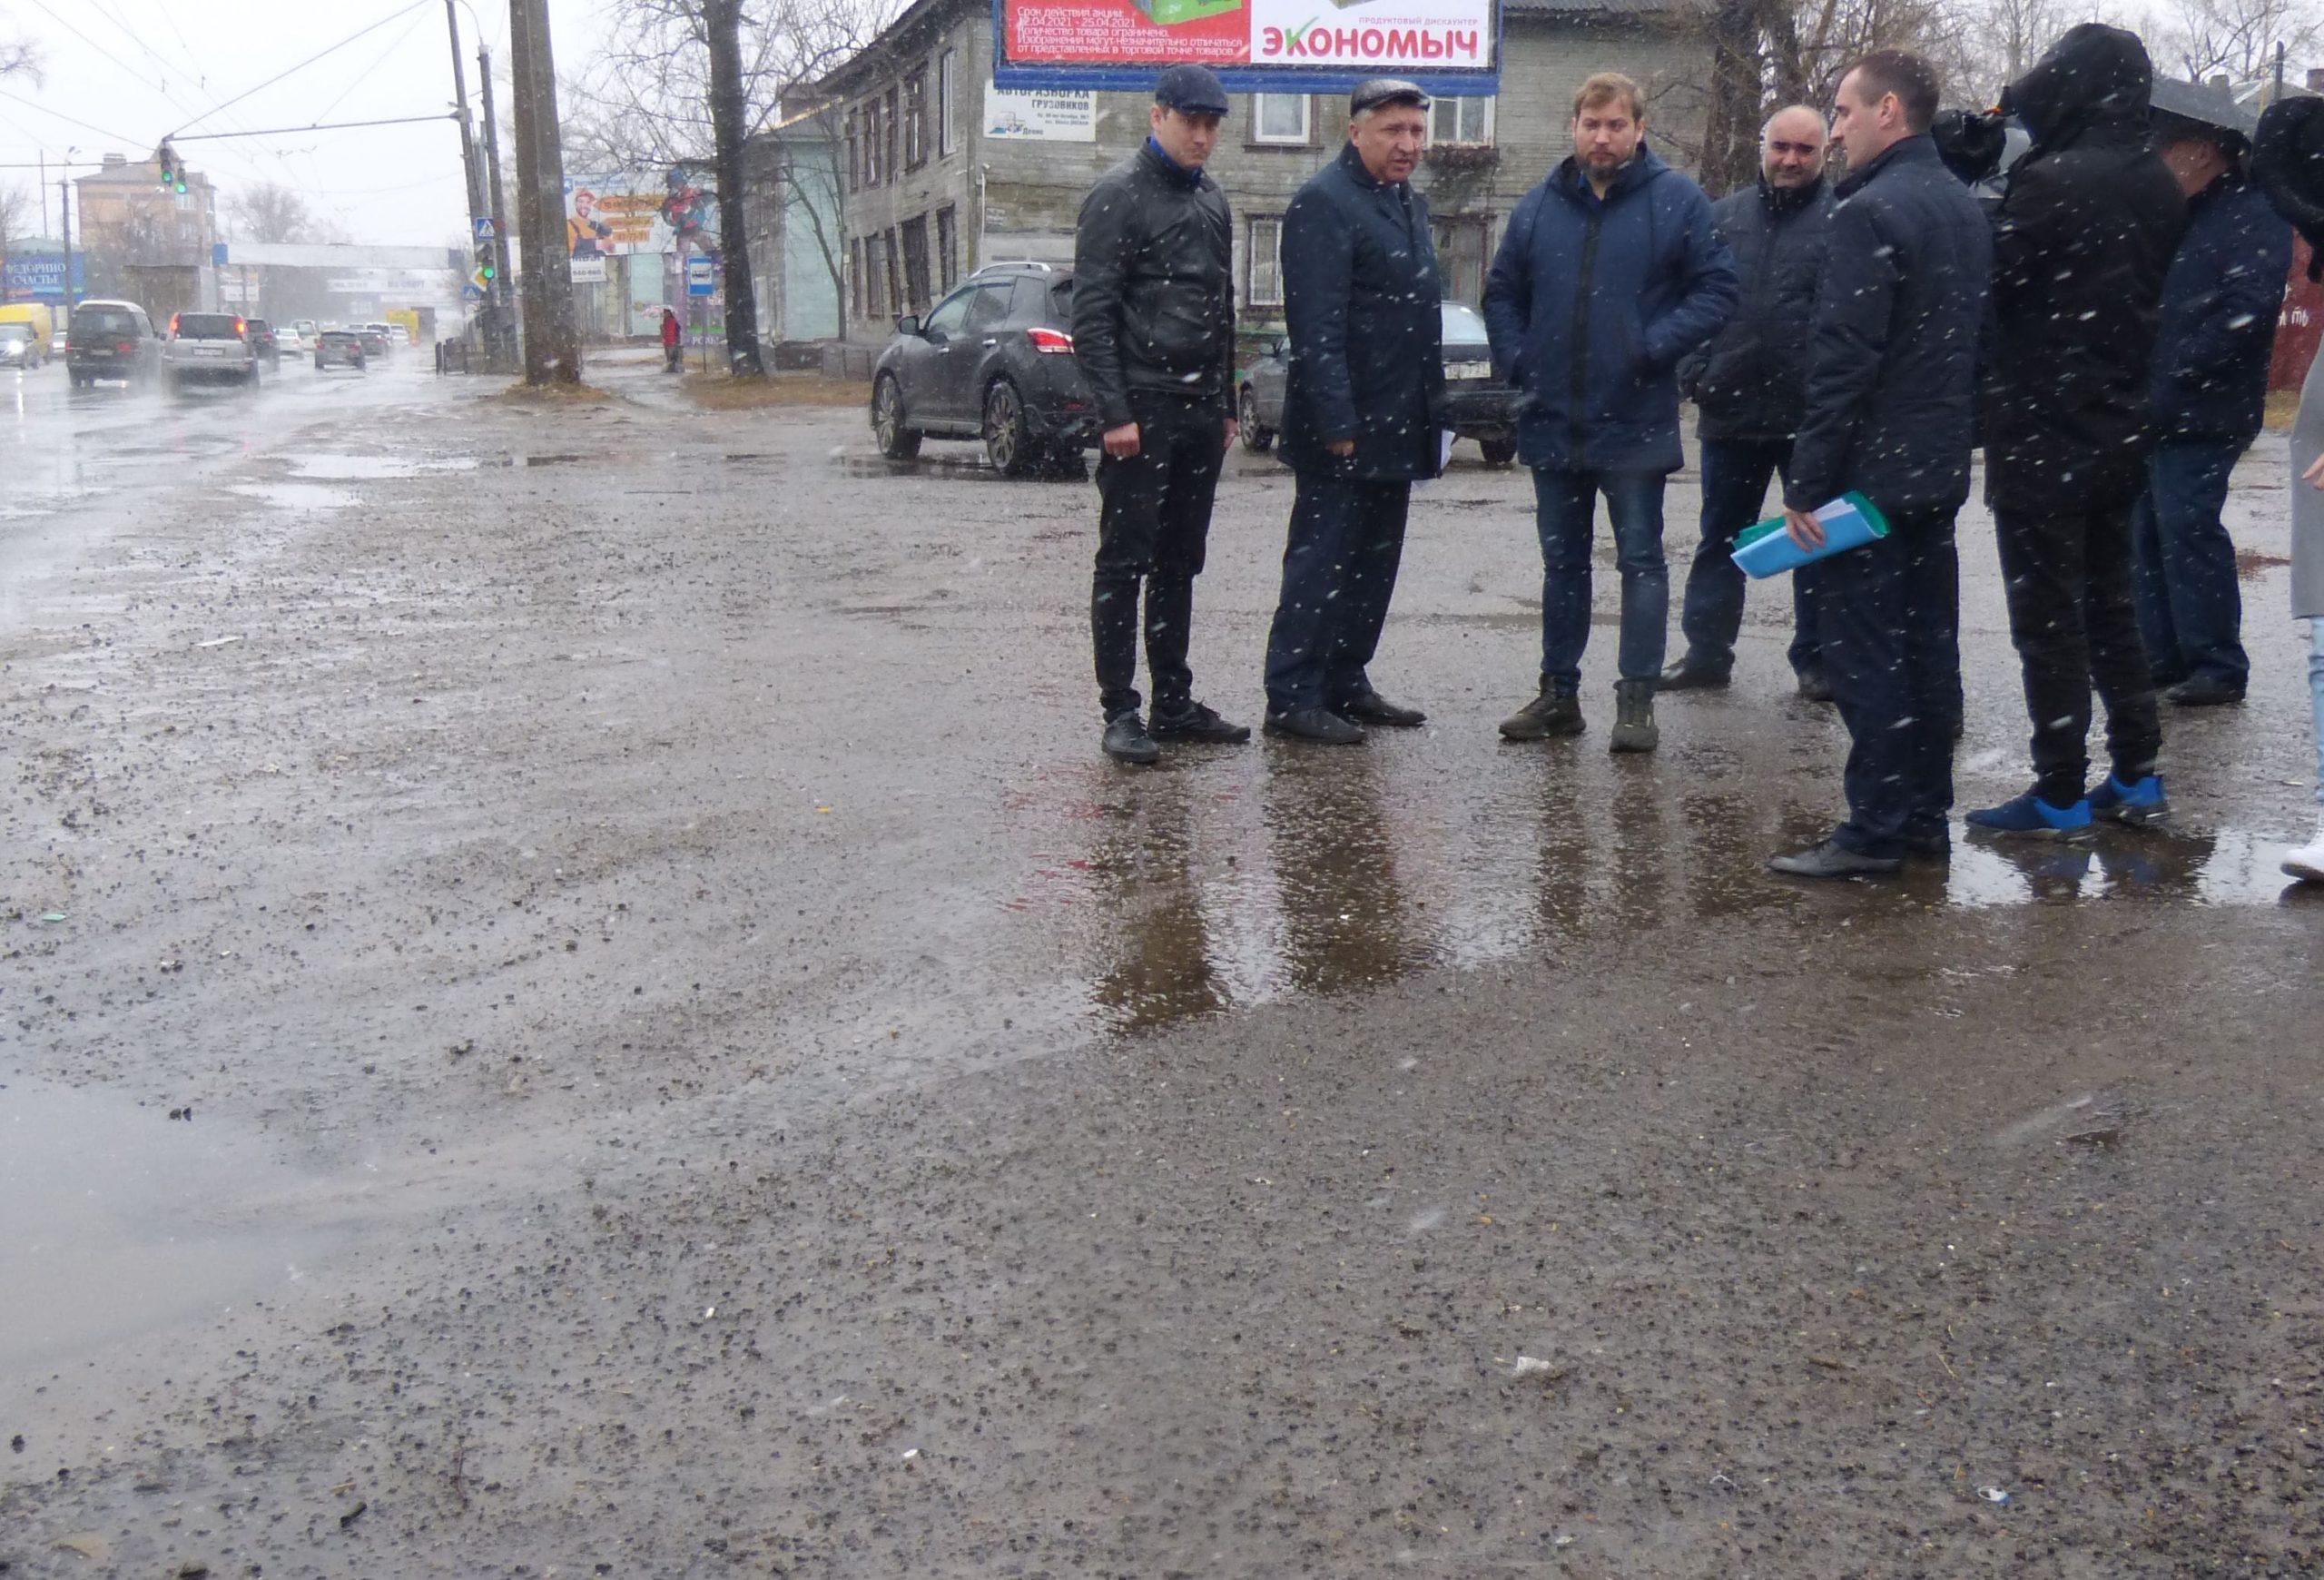 3-tam-gde-poplyl-asfalt-60-letiya-oktyabrya-min